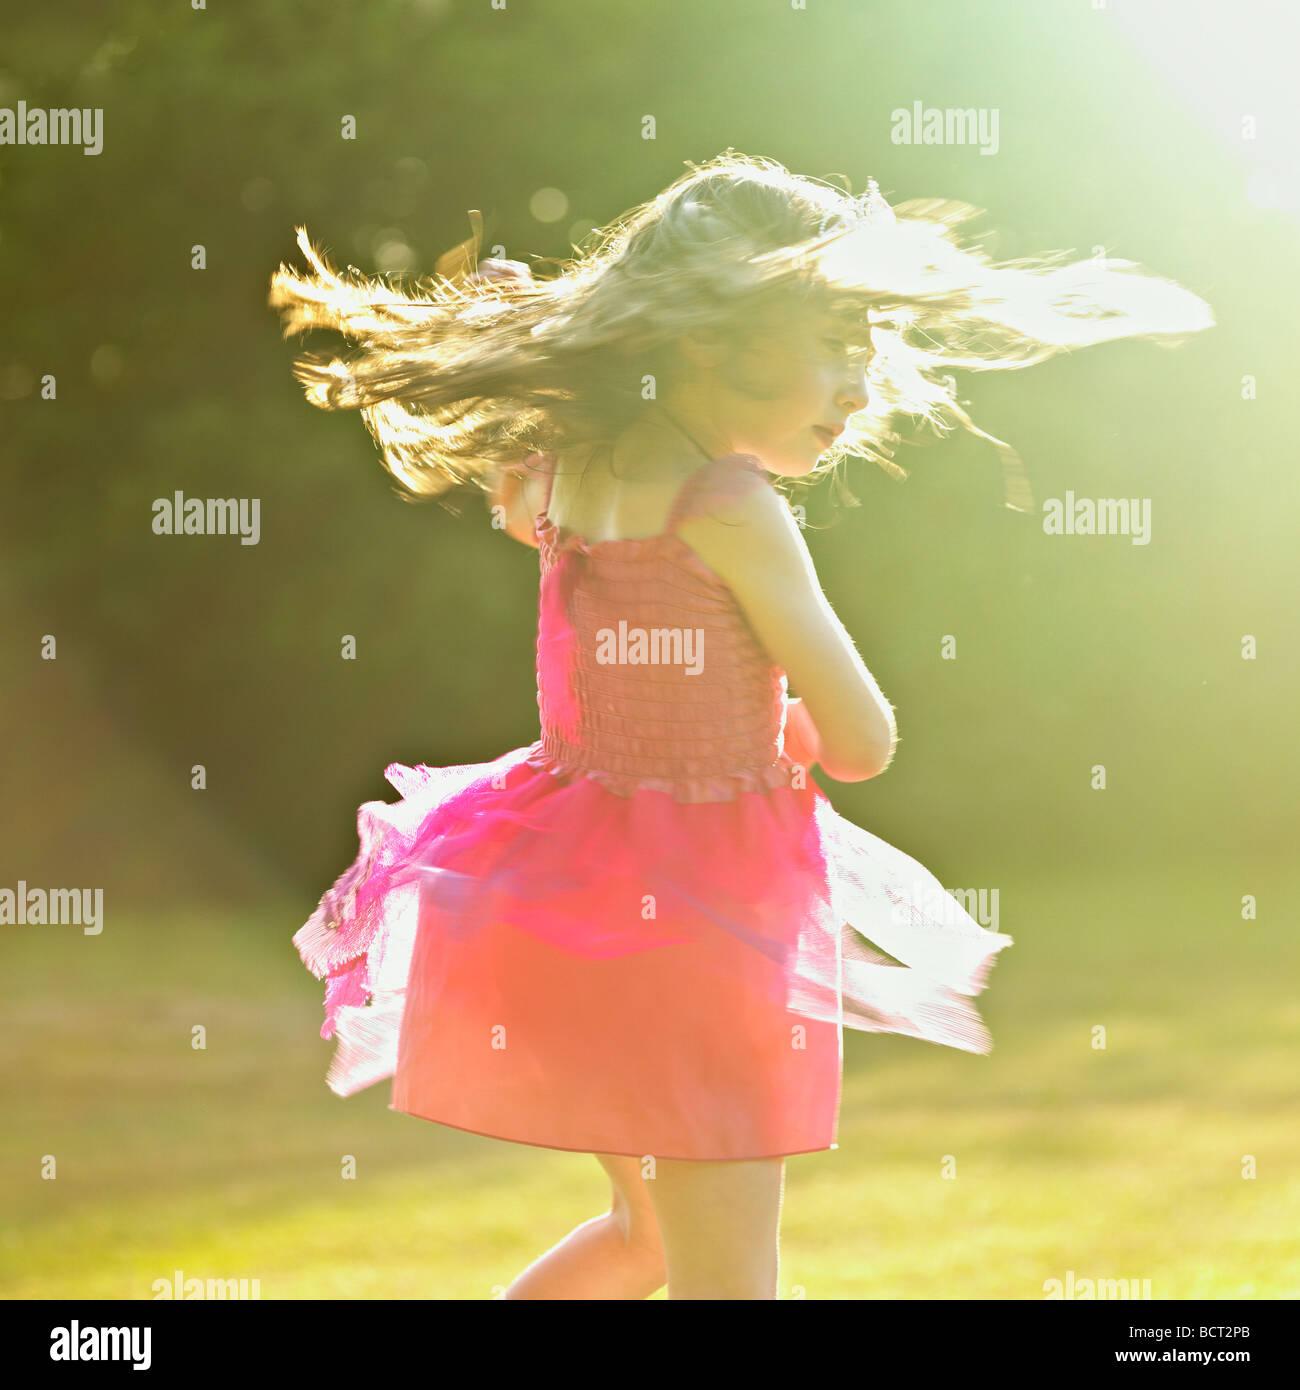 Jeune fille dans une robe rose danser dans le jardin soleil d'été. Banque D'Images